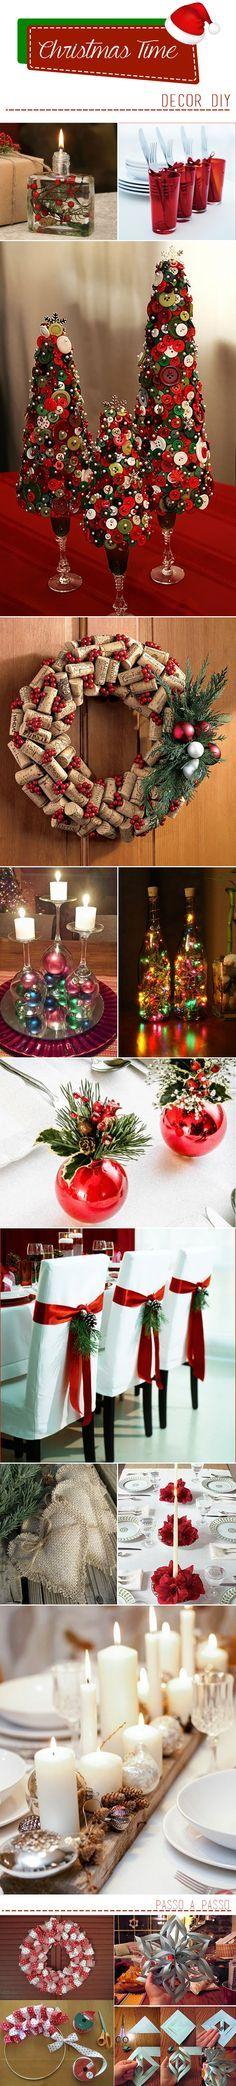 Adesivo De Parede Star Wars ~ 25+ melhores ideias de Enfeites de natal artesanal no Pinterest enfeites DIY (faça voc u00ea mesmo